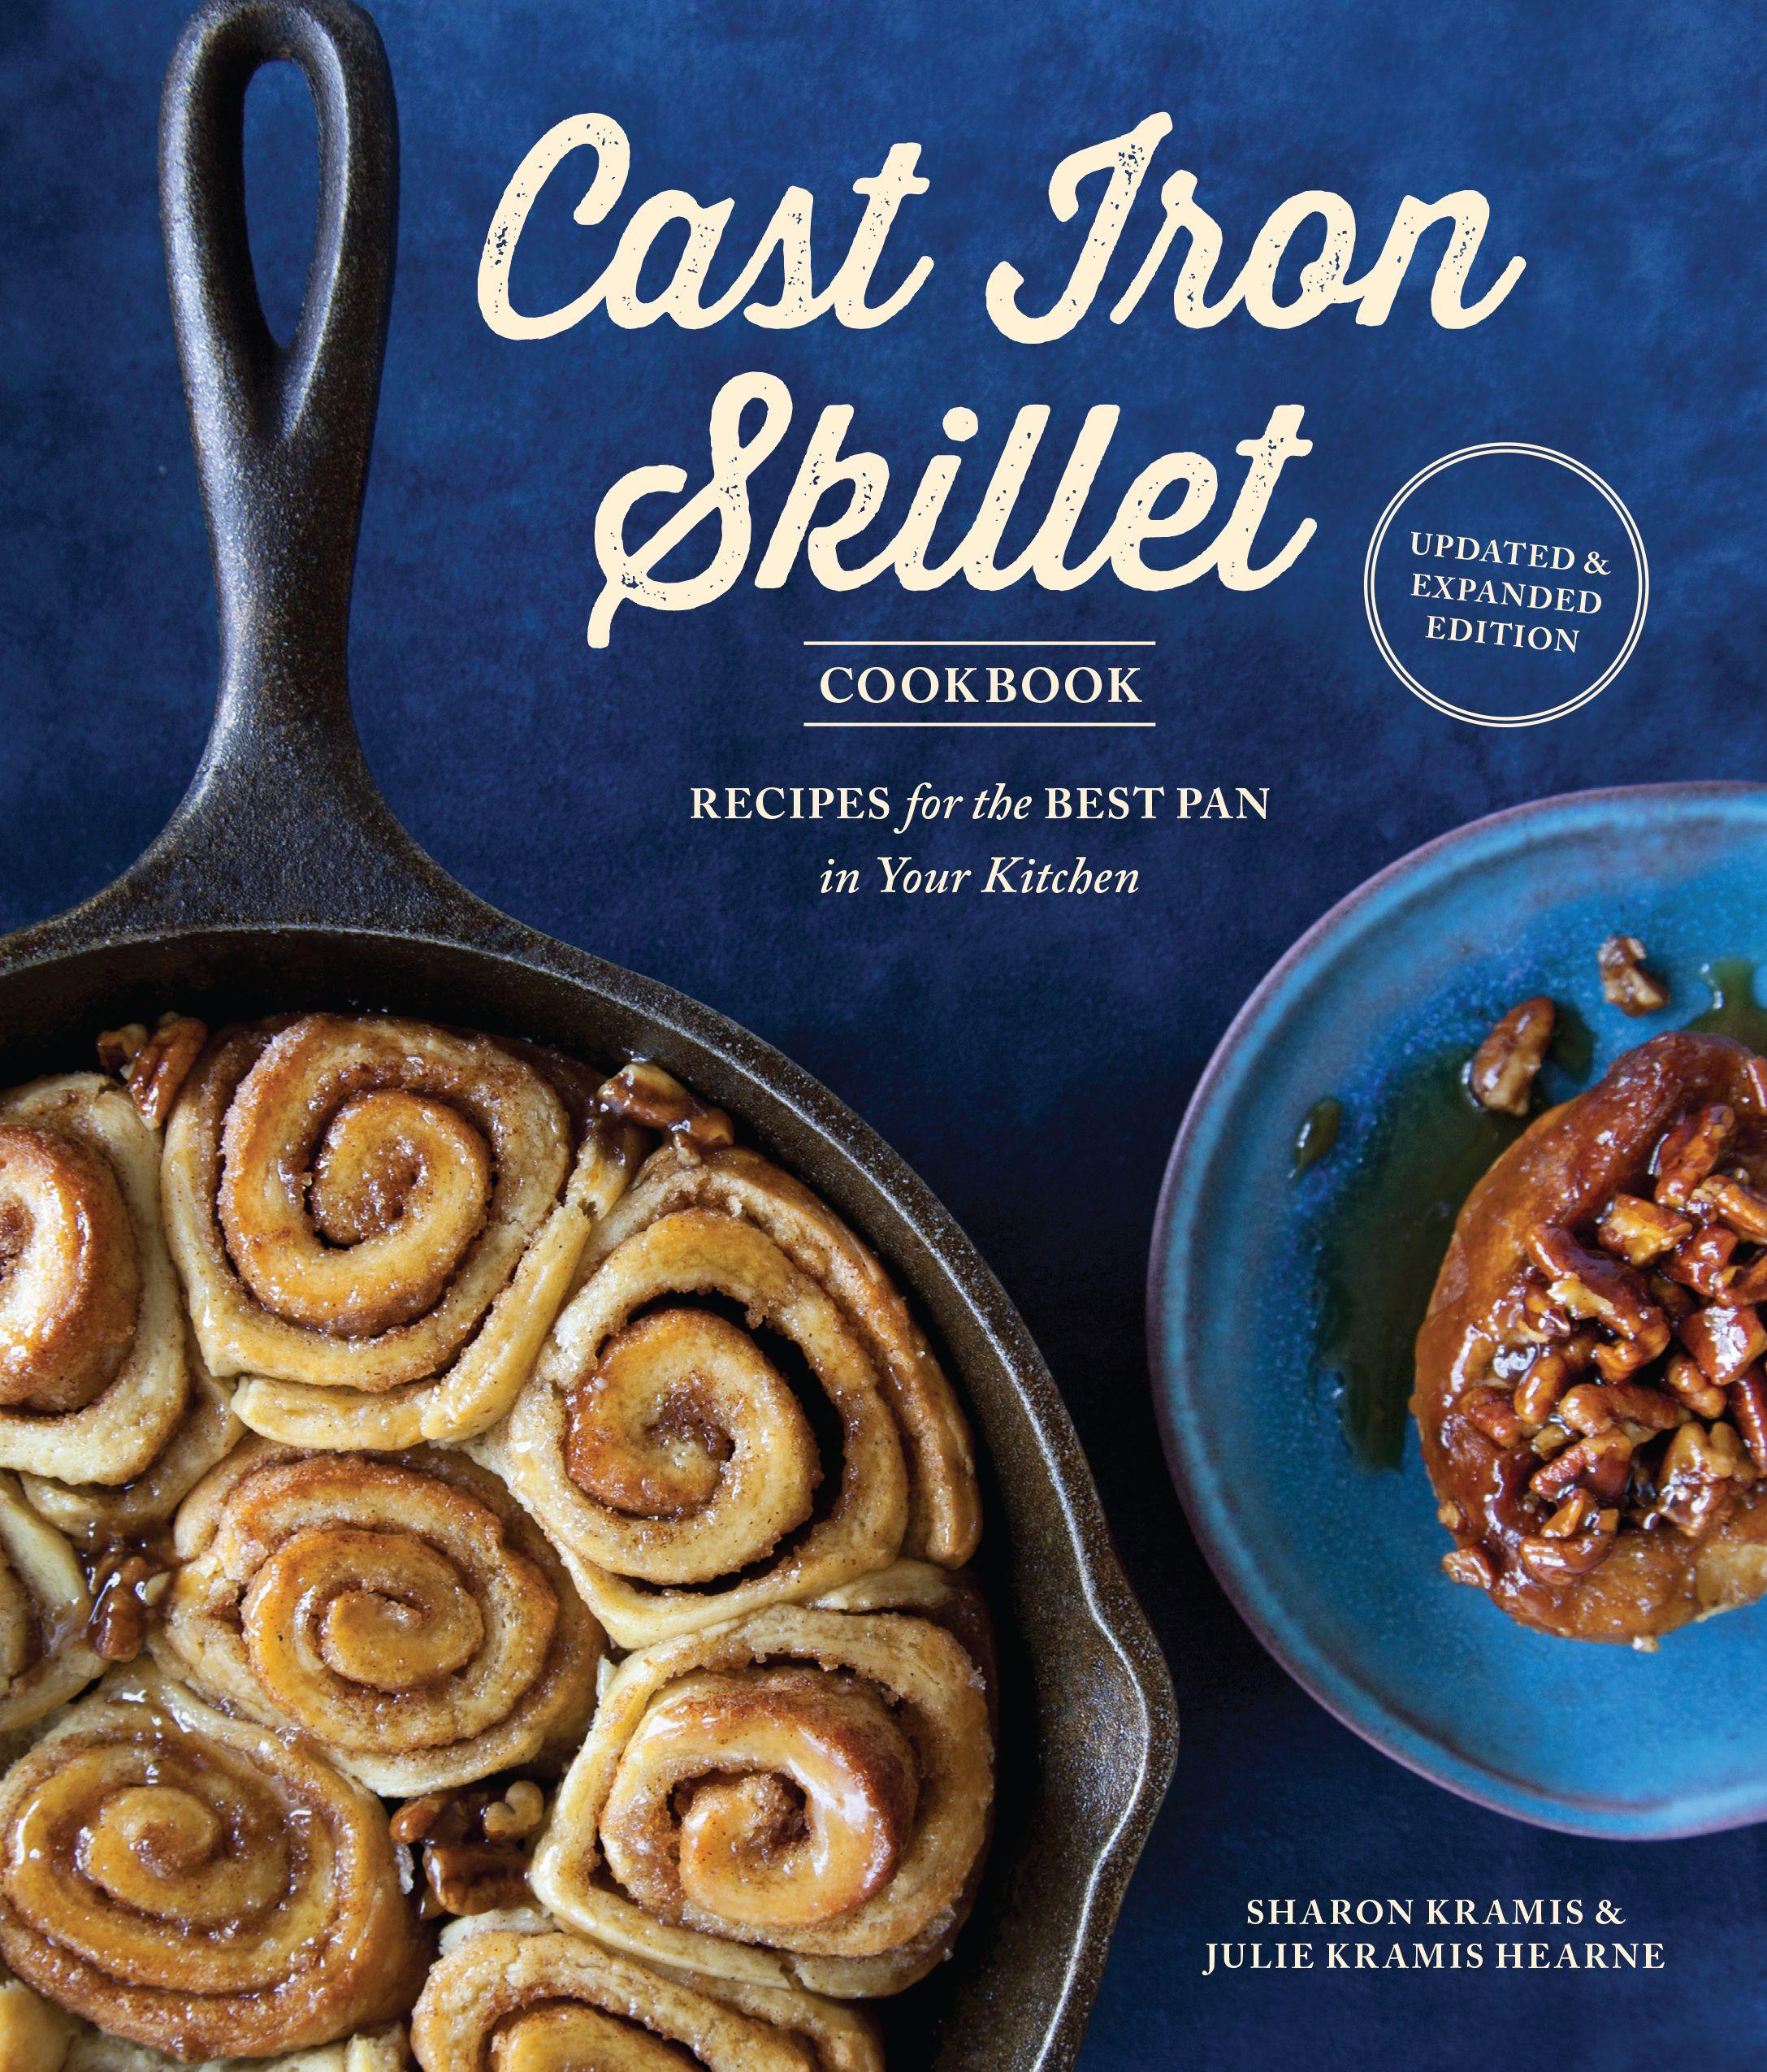 The Cast Iron Skillet Cookbook 2nd Edition By Sharon Kramis Julie Kramis Hearne 9781570619052 Penguinrandomhouse Com Books Cast Iron Skillet Recipes Cast Iron Skillet Cooking Cast Iron Cooking